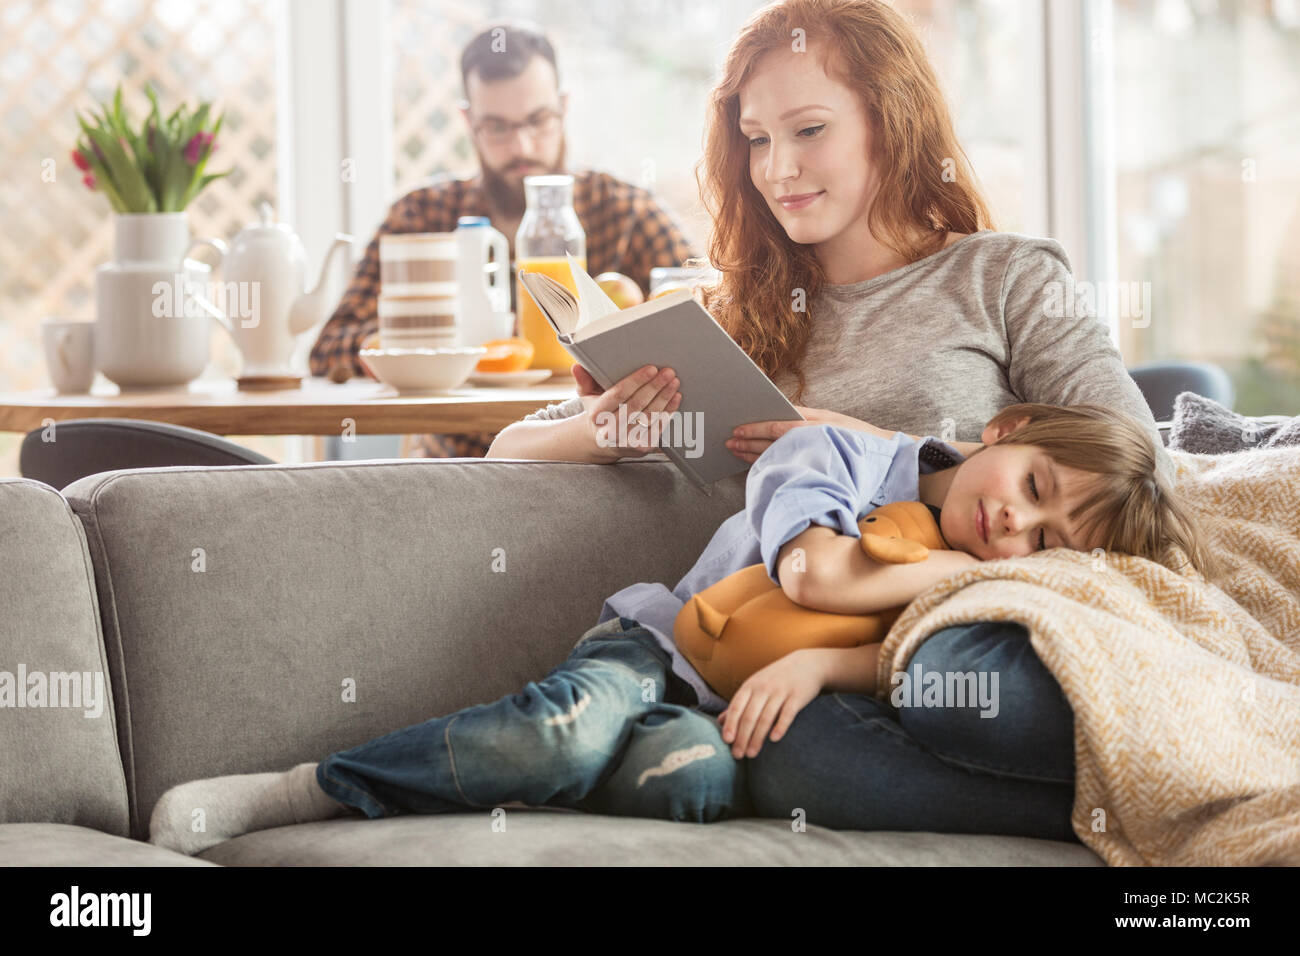 Hijo dormido acostado en el regazo de la madre mientras ella está leyendo un libro y padre comiendo en el fondo Foto de stock